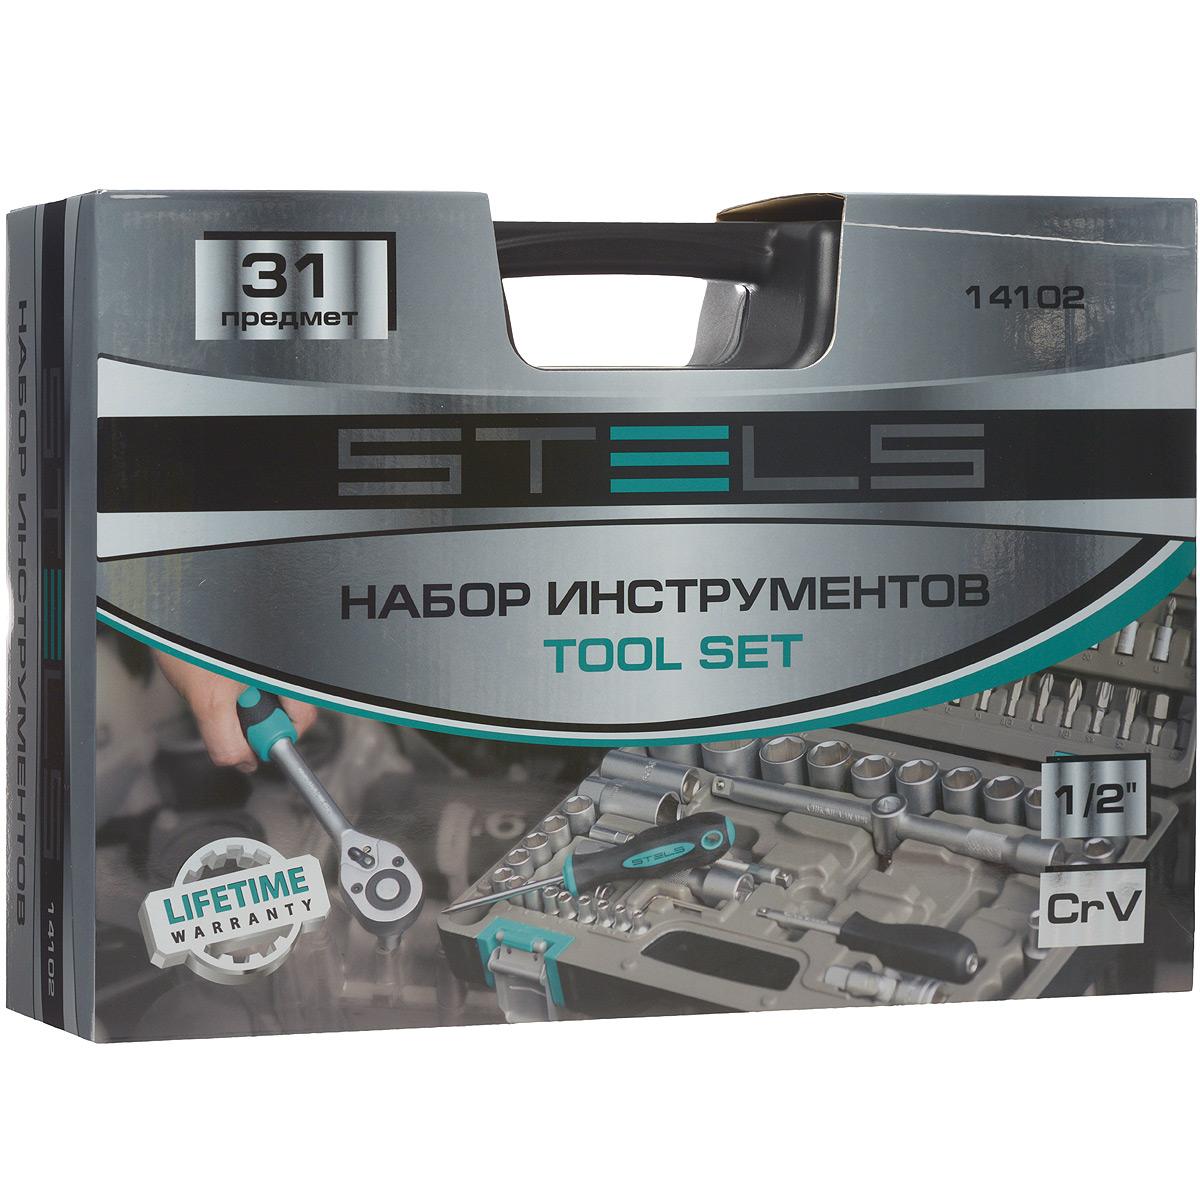 Набор инструментов Stels, 31 предмет80621Набор инструментов торговой марки Stels разработан специально для автолюбителей и центров технического обслуживания. Каждый этап производства контролируется в соответствии с международными стандартами. Головки и комбинированные ключи изготовлены из хромованадиевой стали, придающей инструменту исключительную твердость в сочетании с легкостью. Набор упакован в кейс, изготовленный из жесткого противоударного пластика.Состав набора:Ключ трещоточный 1/2.Головки торцевые 1/2: 8 мм, 10 мм, 11 мм, 12 мм, 13 мм, 14 мм, 15 мм, 17 мм, 18 мм, 19 мм, 22 мм, 24 мм, 27 мм, 30 мм, 32 мм.Адаптер трехсторонний 1/2.Удлинители 1/2: 125 мм, 250 мм.Головки свечные 1/2: 16 мм, 21 мм.Ключи комбинированные: 8 мм, 9 мм. 10 мм, 11 мм, 12 мм, 13 мм, 14 мм, 17 мм, 18 мм, 19 мм.